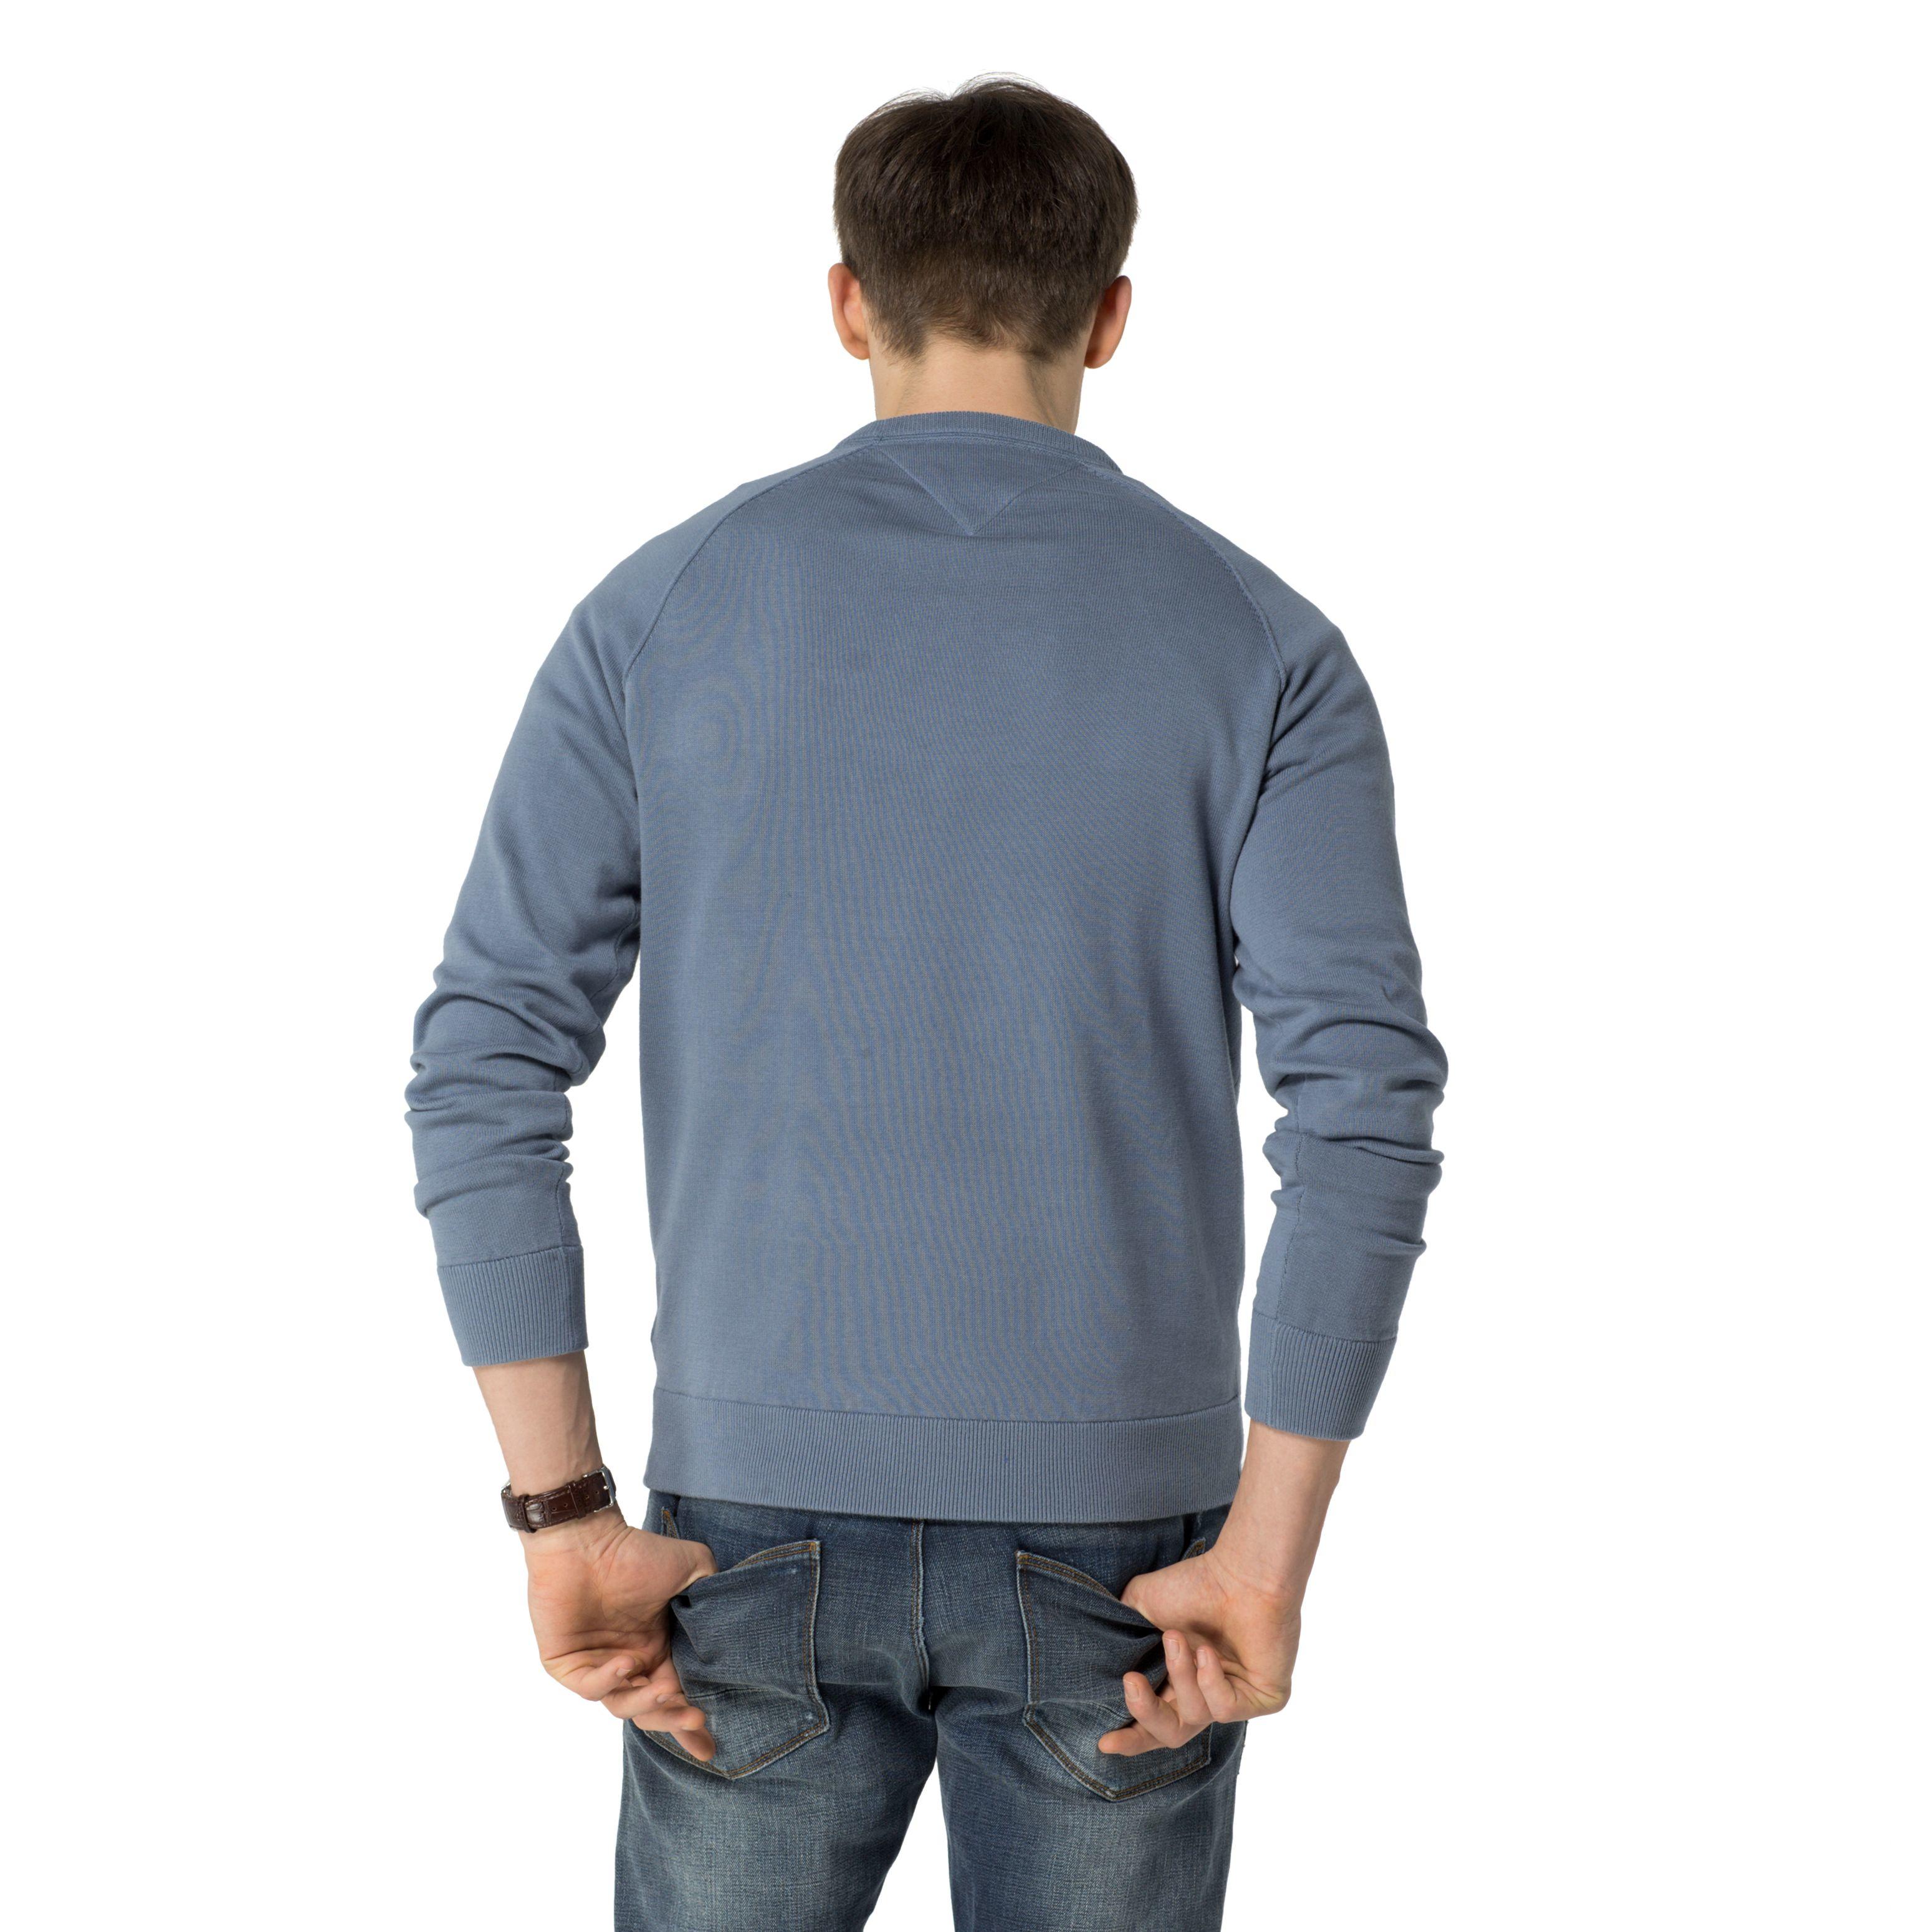 tommy hilfiger addison plain crew neck pull over jumper in gray for men lyst. Black Bedroom Furniture Sets. Home Design Ideas